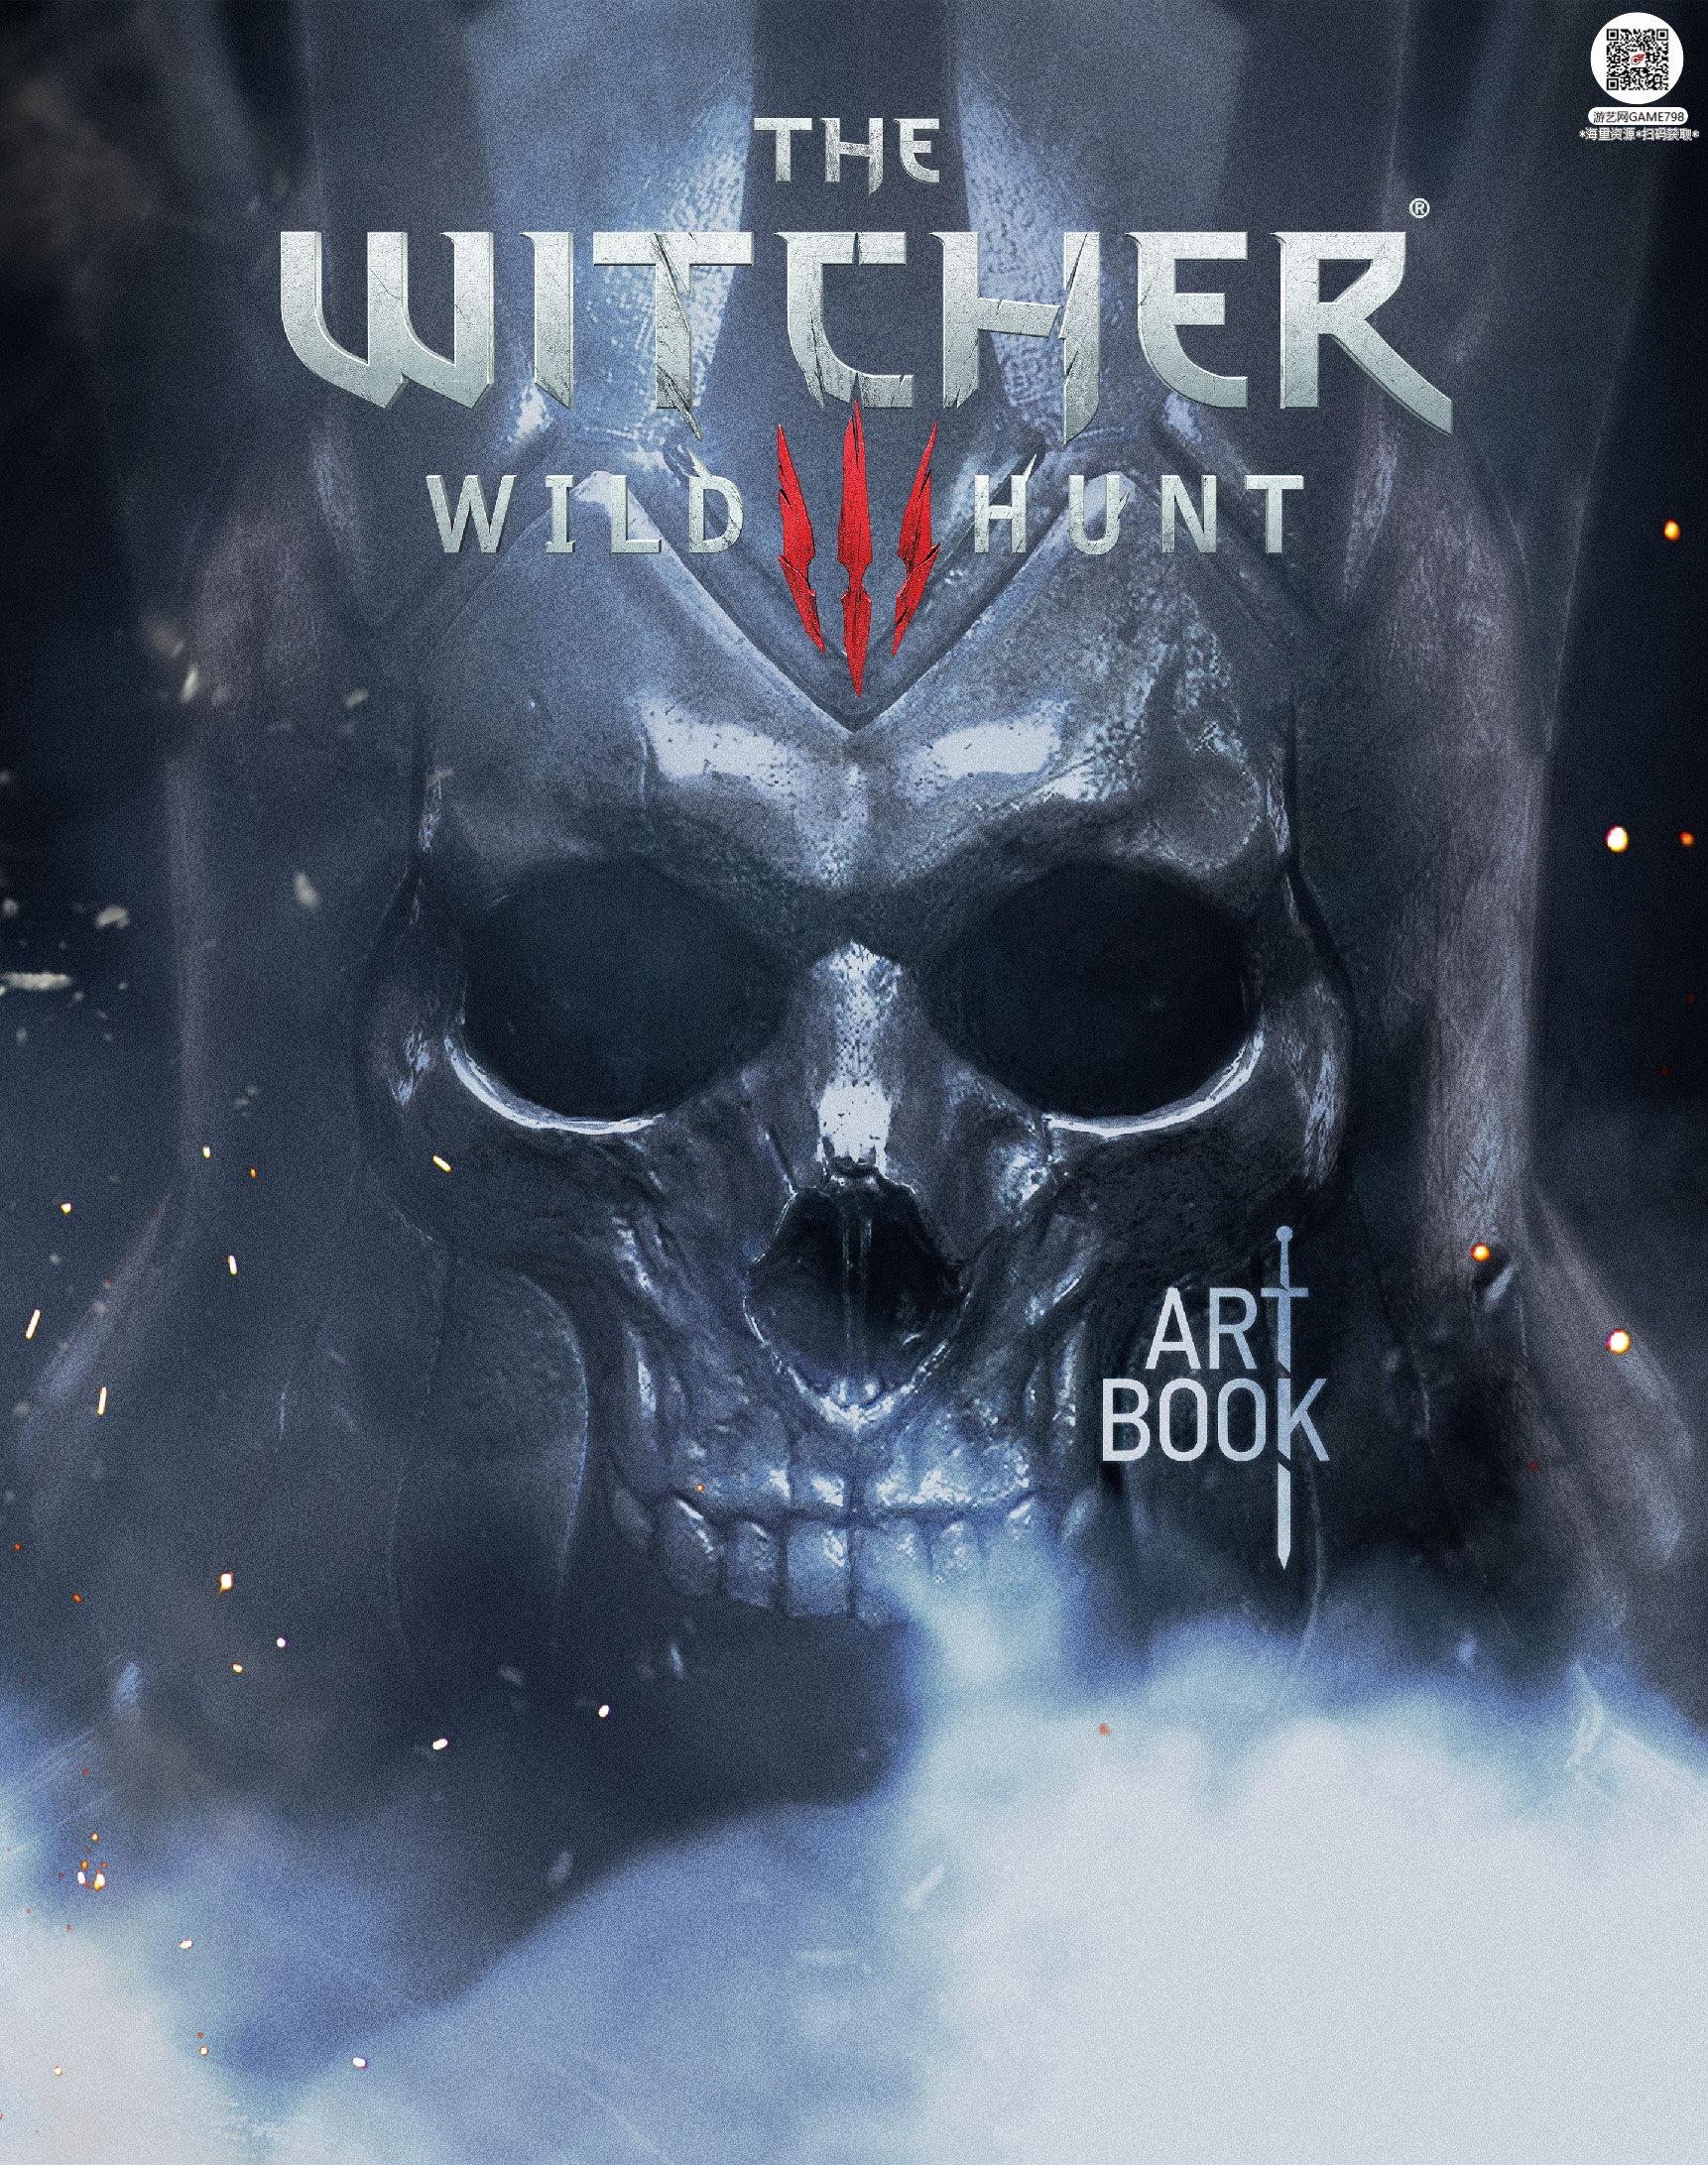 001_关注游艺网公众号获海量资源_次世代游戏巫师3(Witcher)官方原画概念设定.jpg